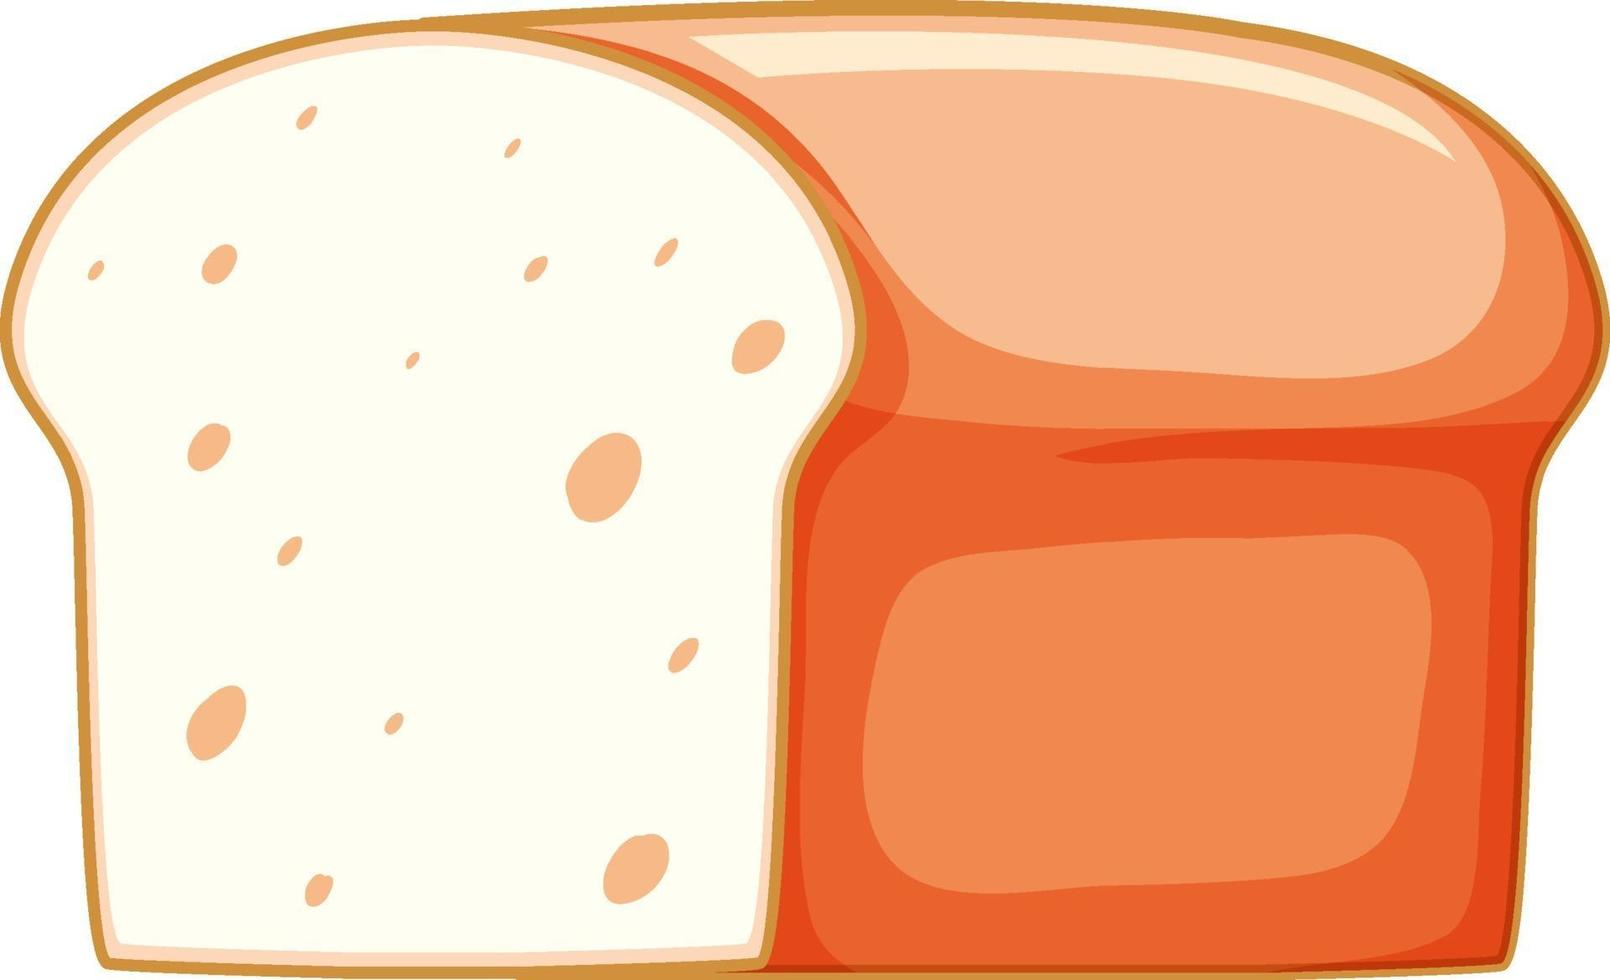 isolerad enkelt bröd onwhite bakgrund vektor